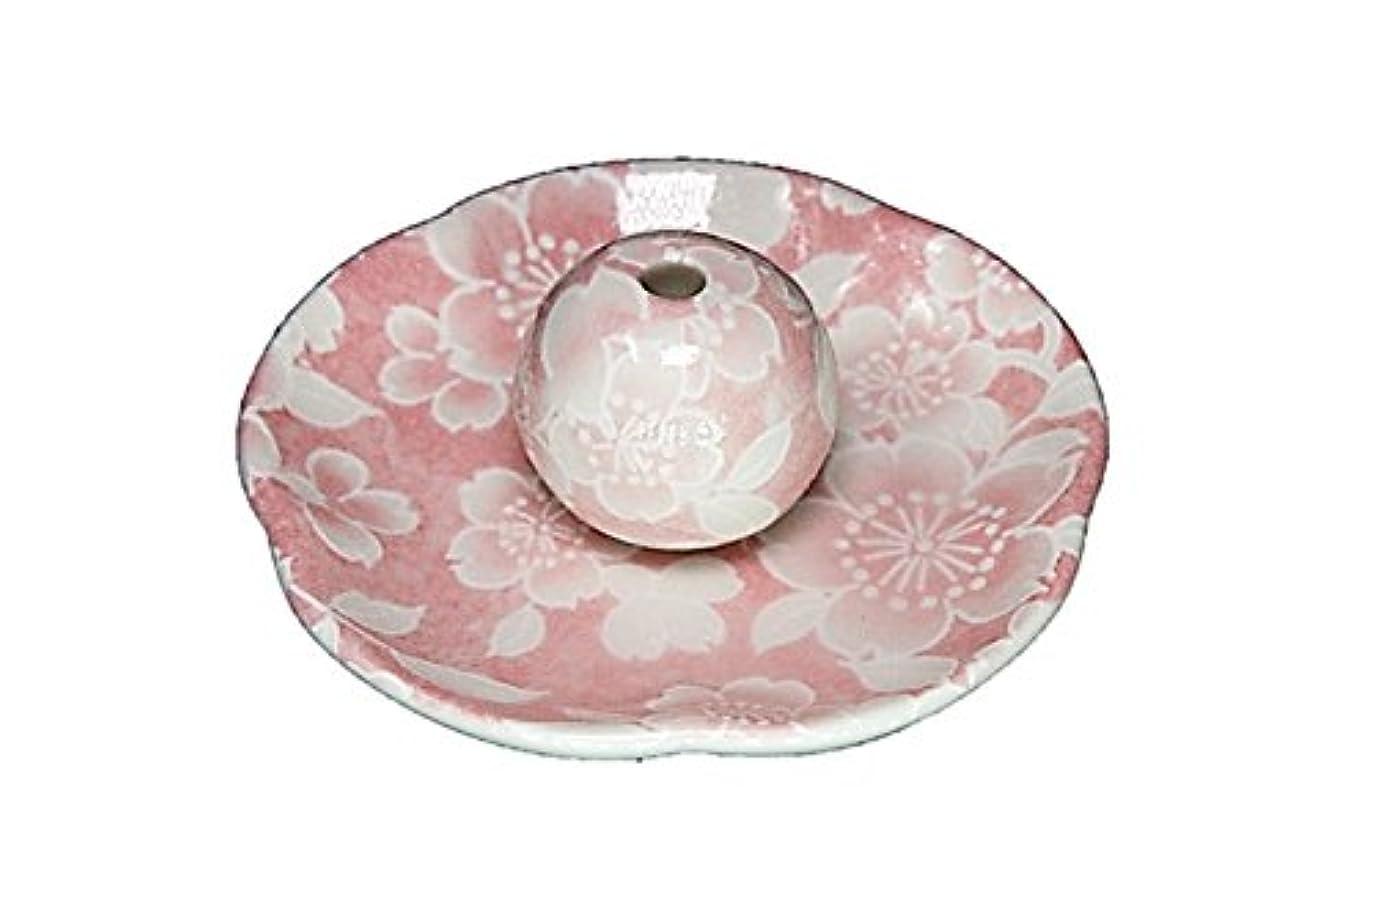 インチ終了しましたパイプライン桜友禅 ピンク 花形香皿 お香立て 日本製 製造 直売品